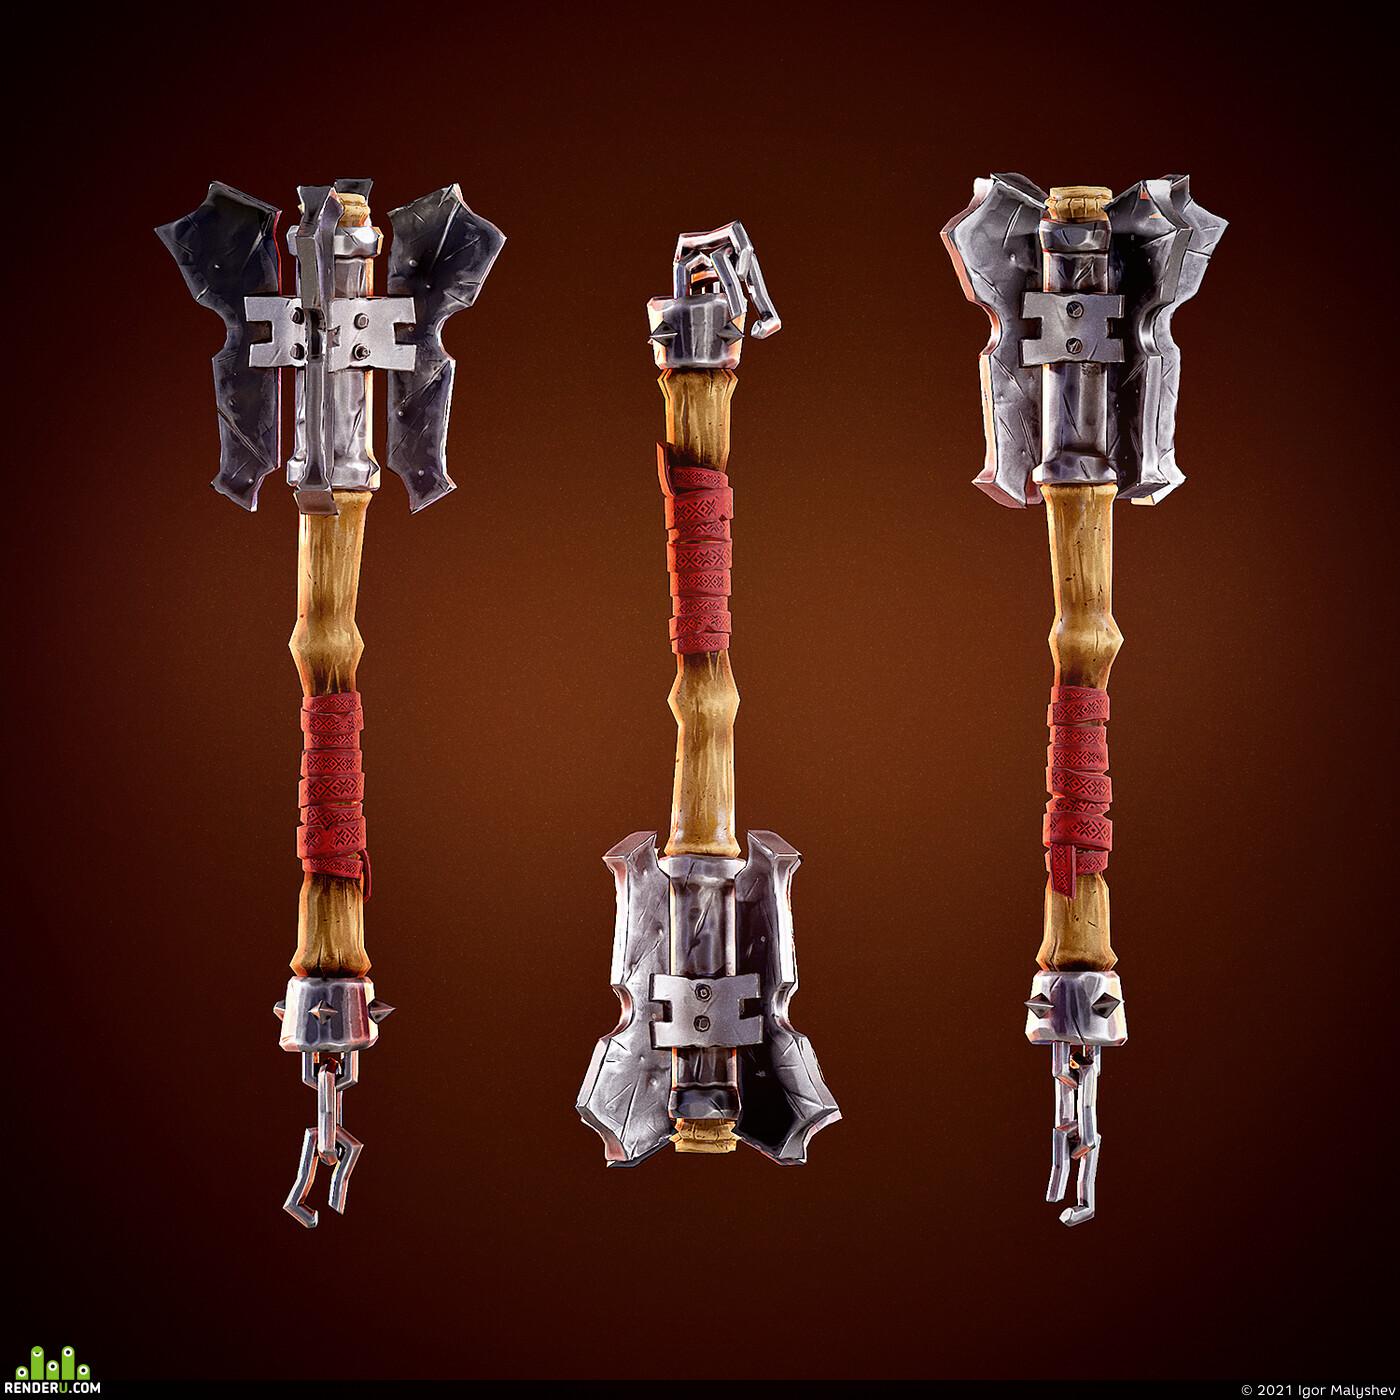 оружие, стилизация, Булава, славянский, булавица, русь, PBR